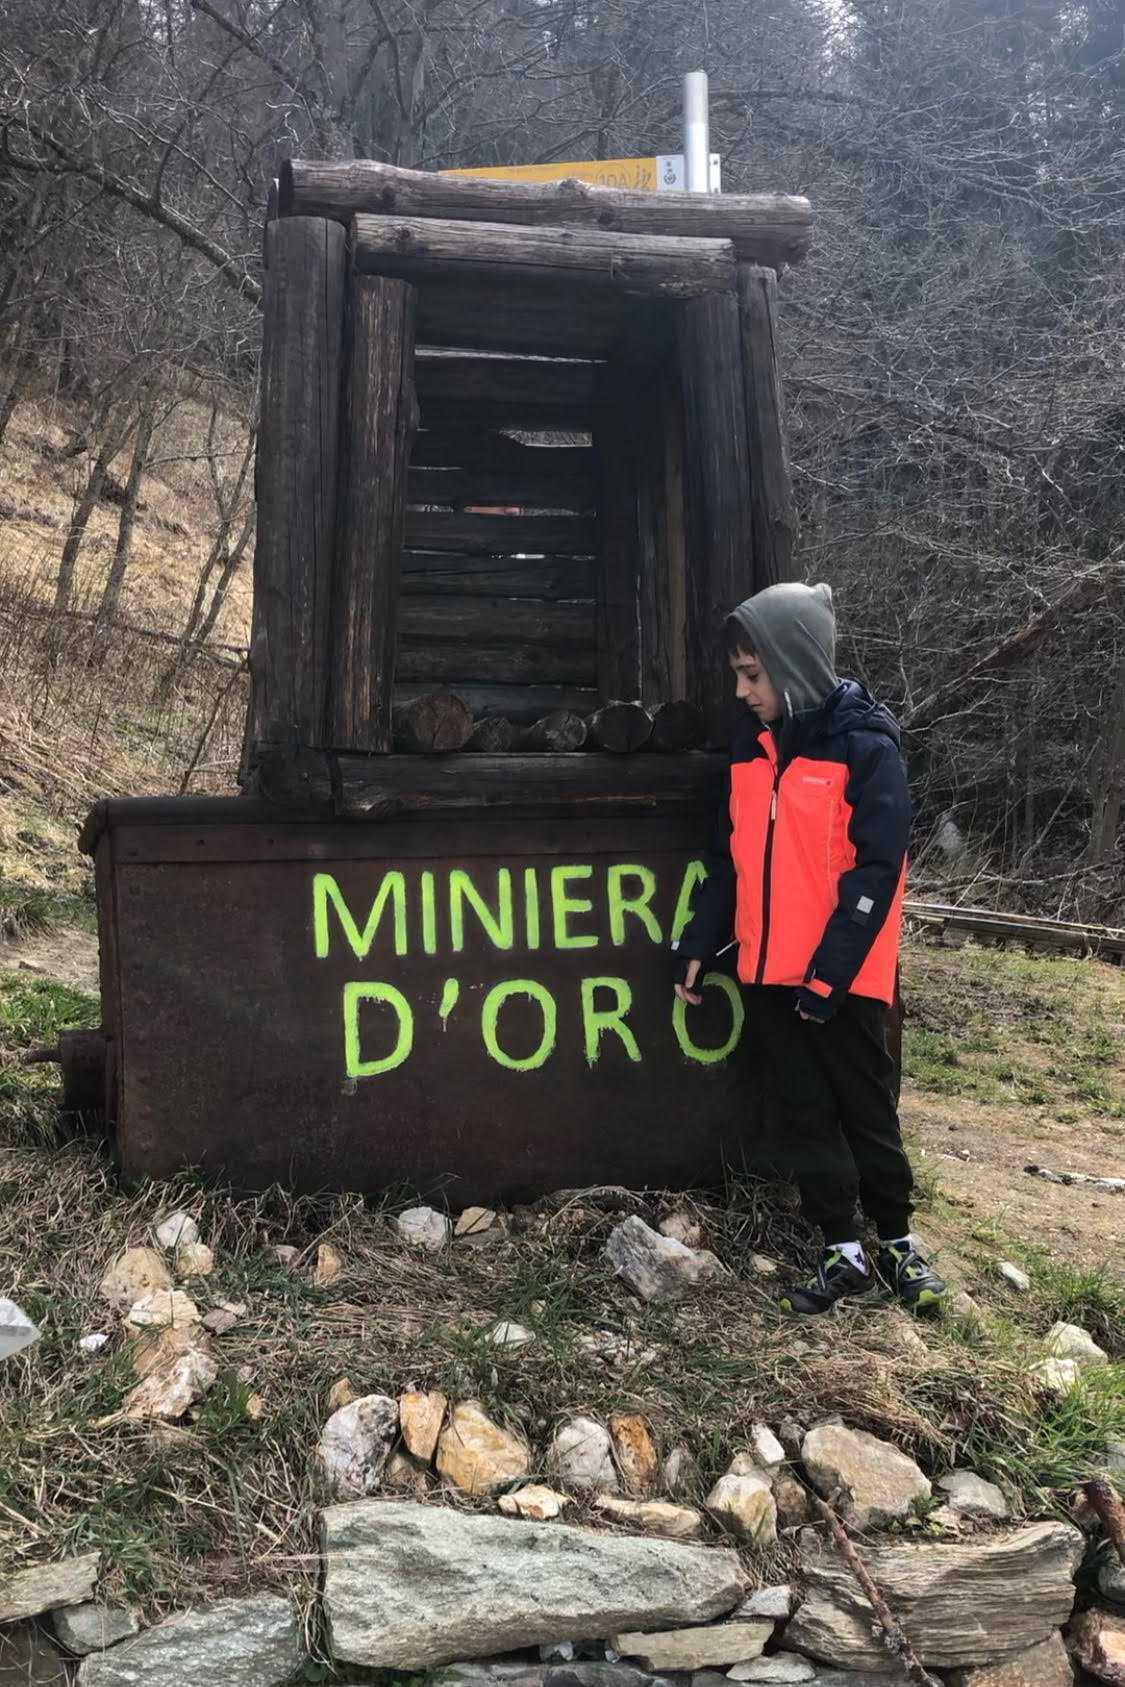 Miniera-d'oro-di-Brusson